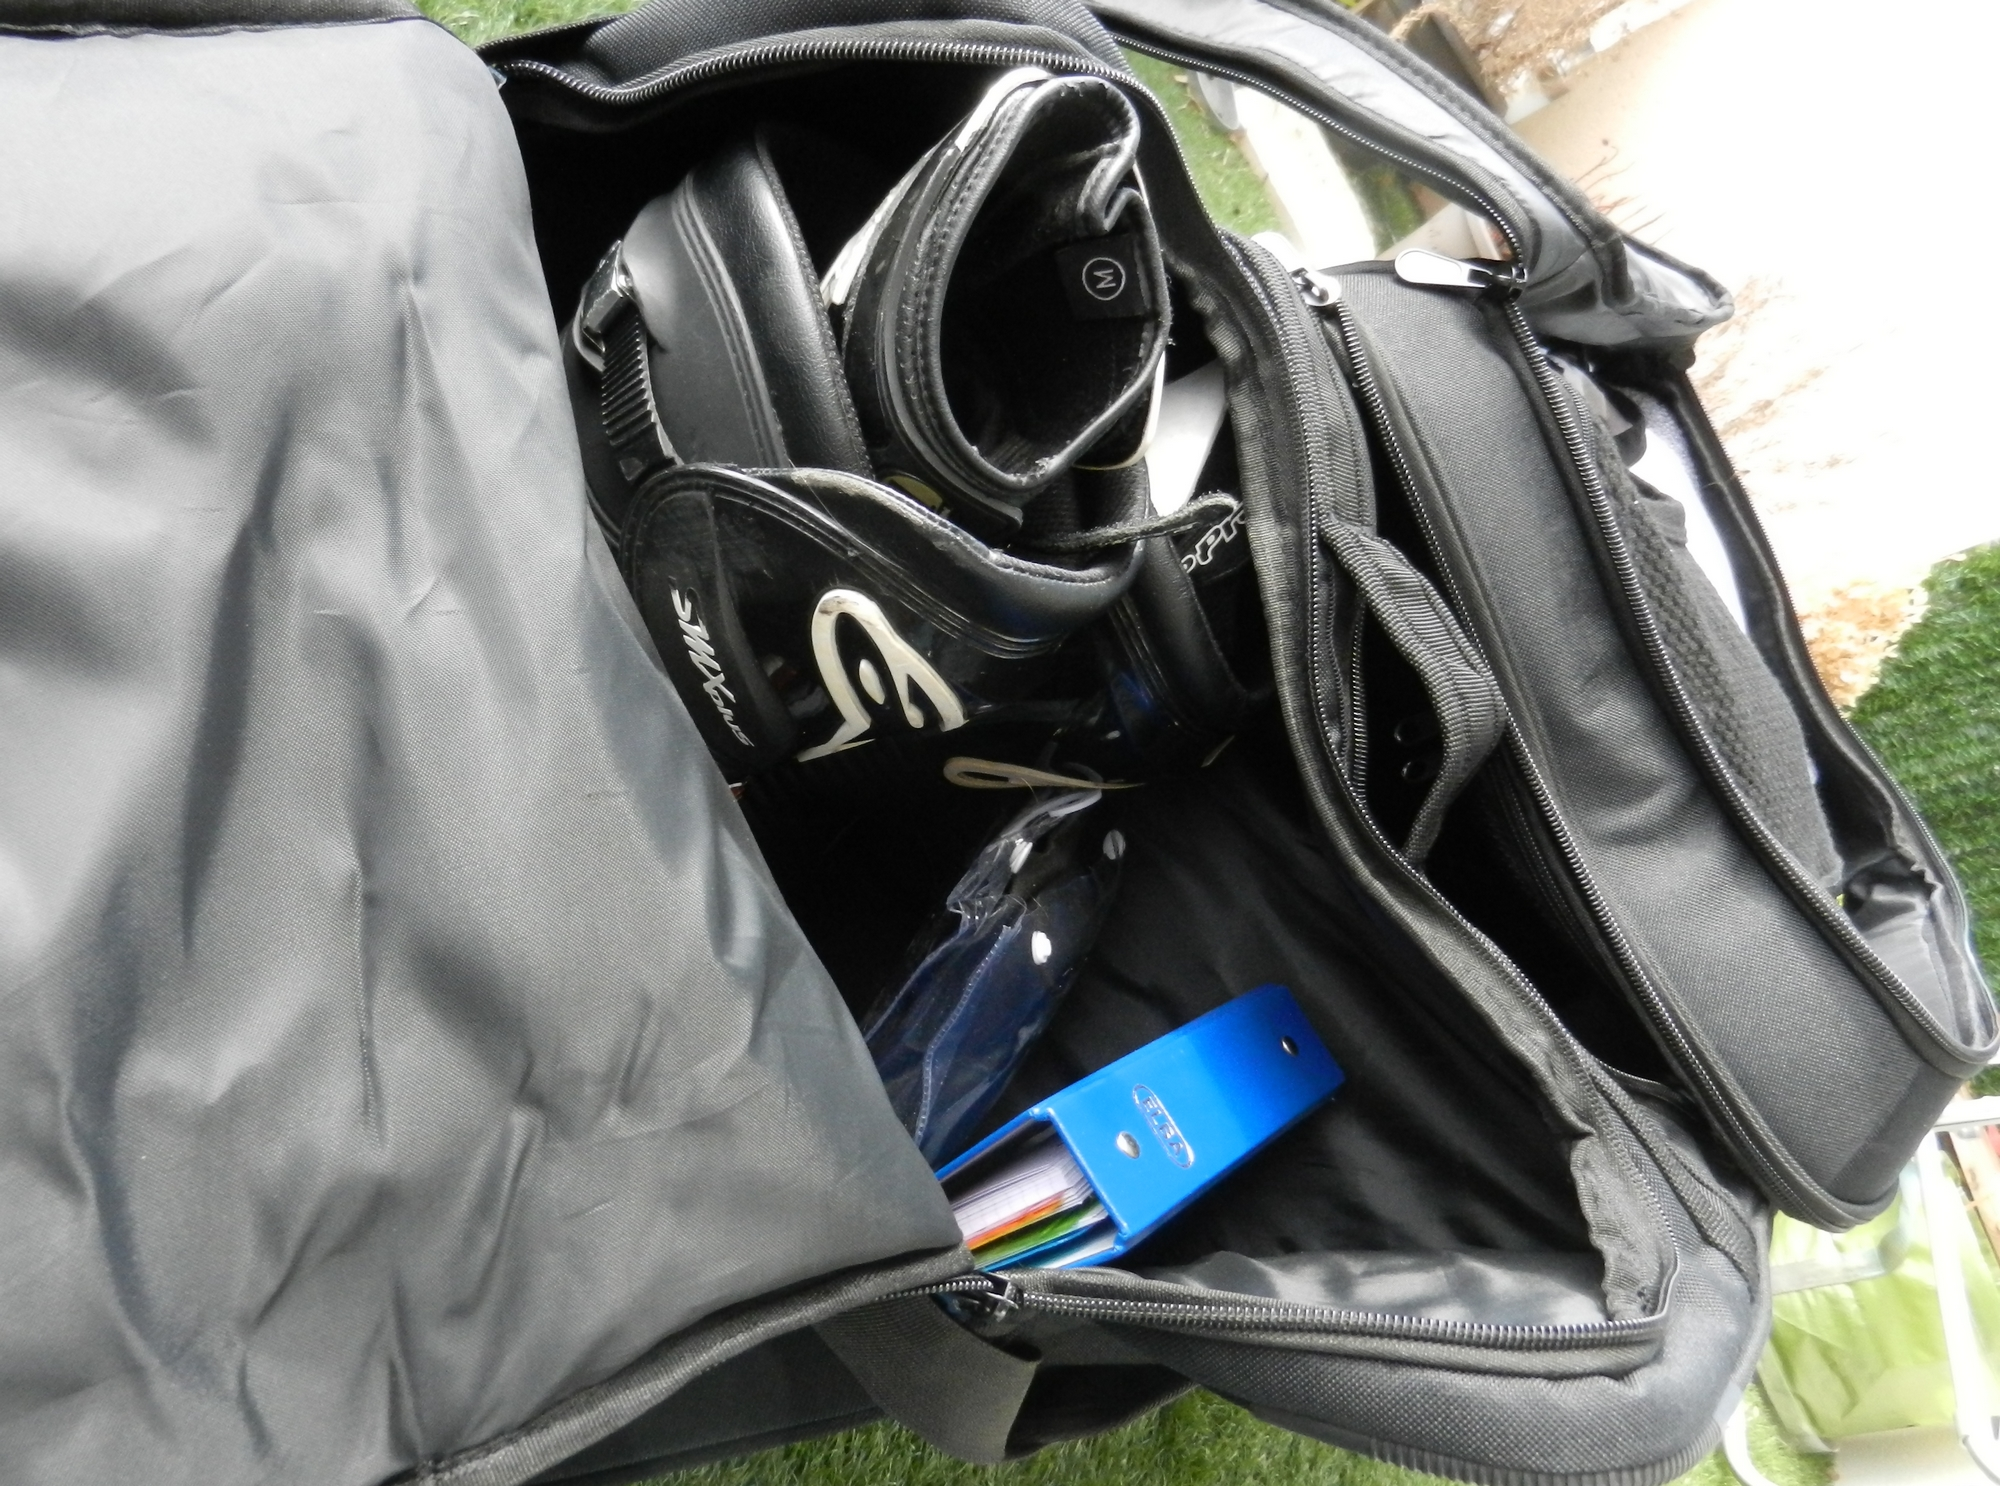 prov-bolsa de carga-bolsillo lateral botas